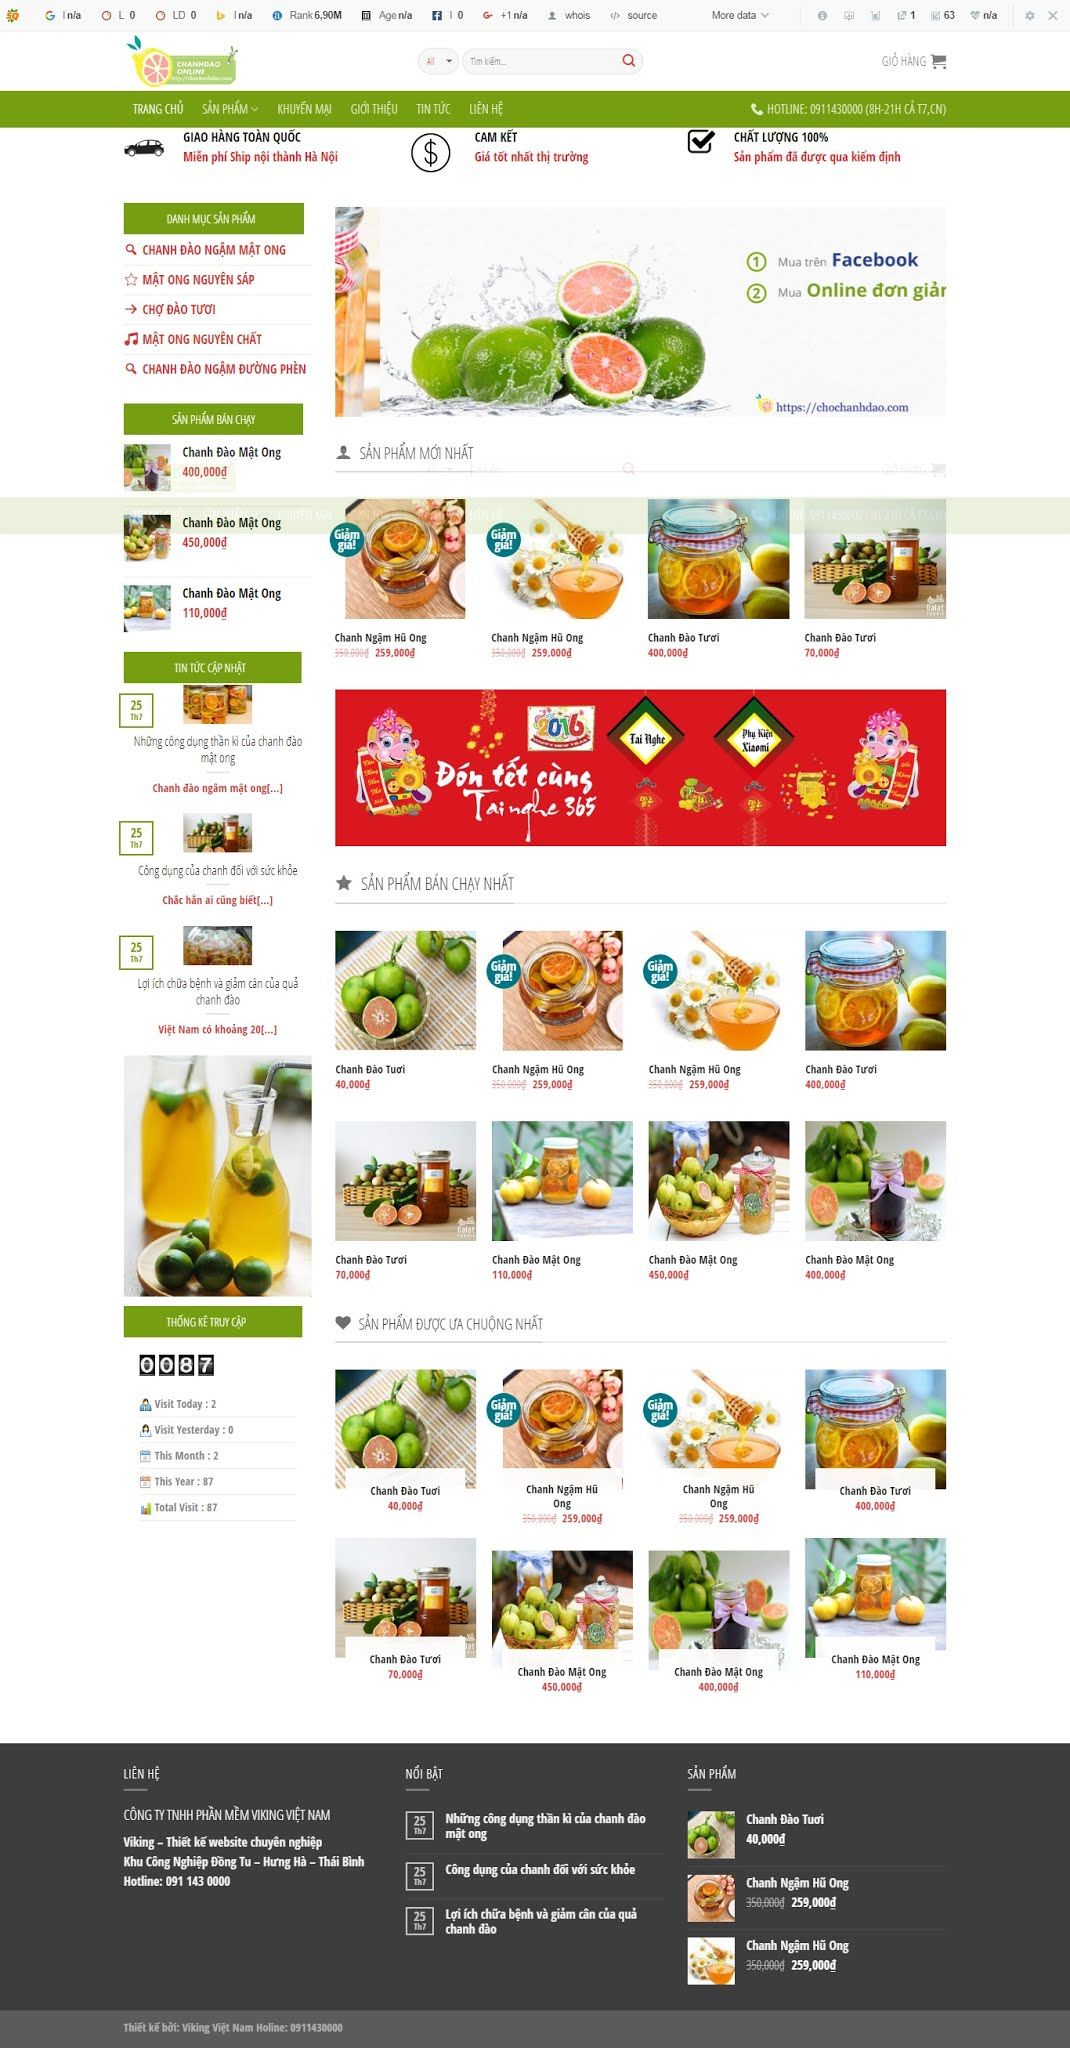 BÁN HÀNG 066 - hoa quả, thực phẩm